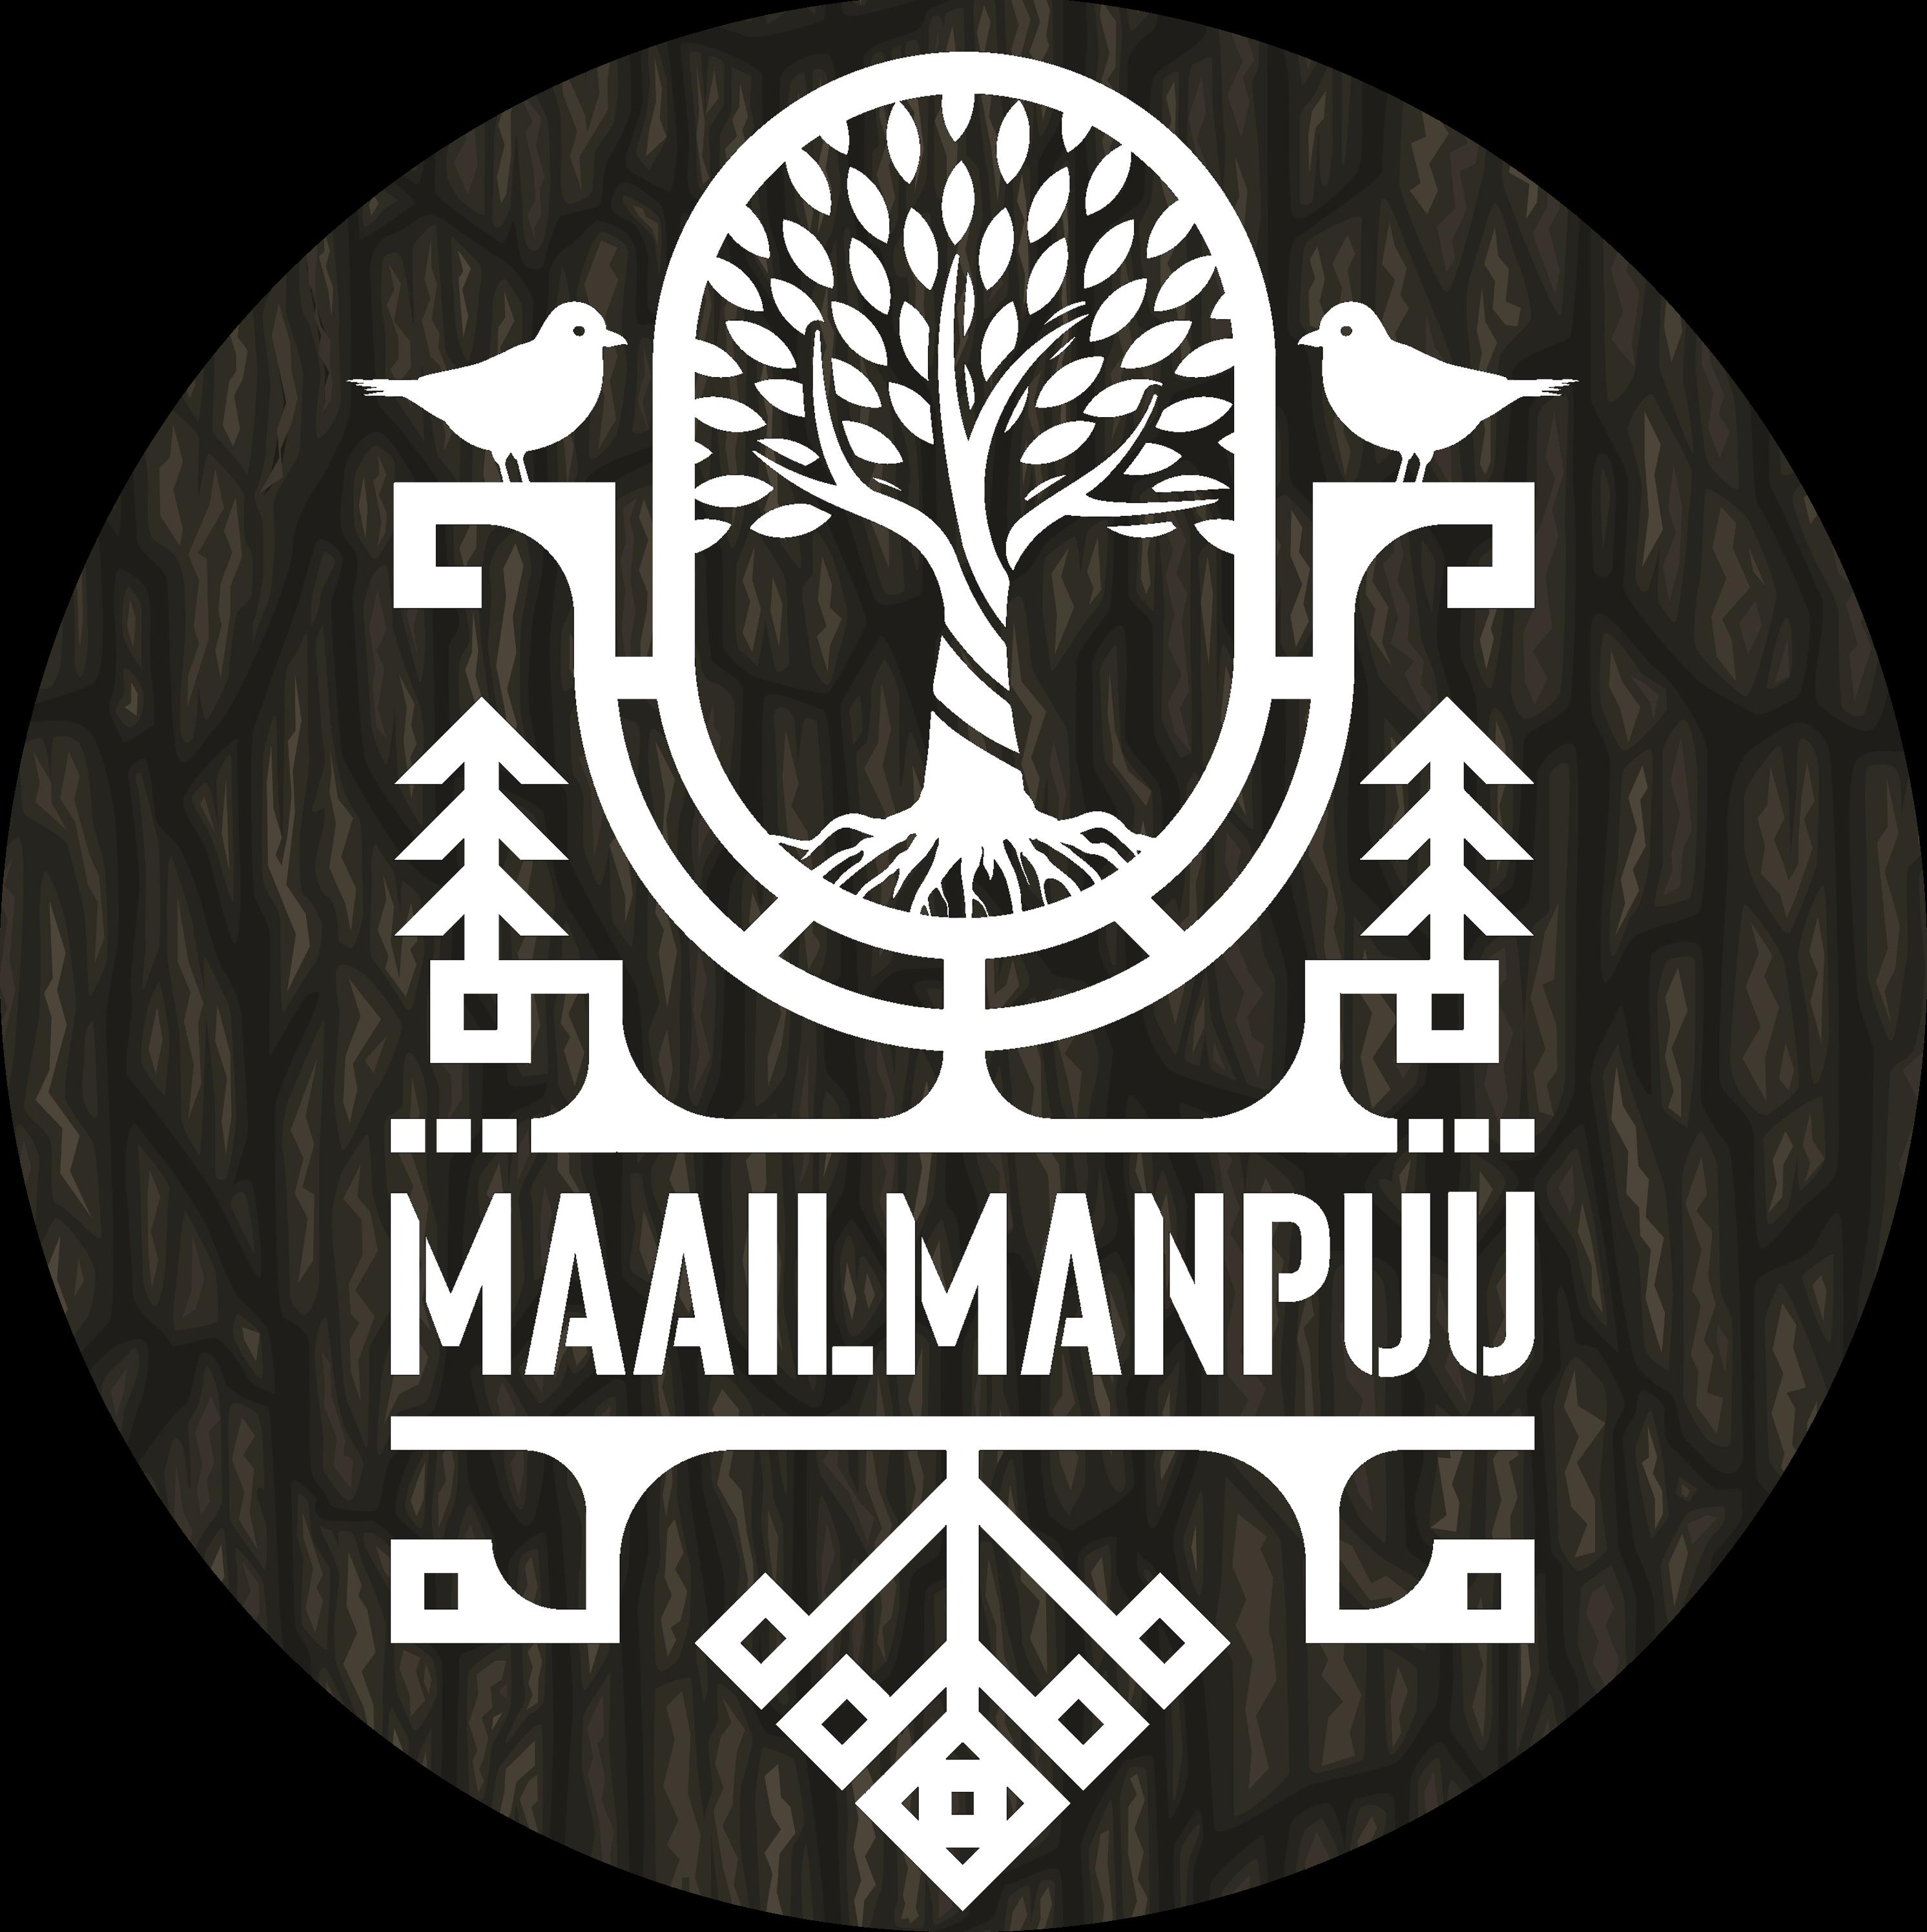 Maailmanpuu podcast